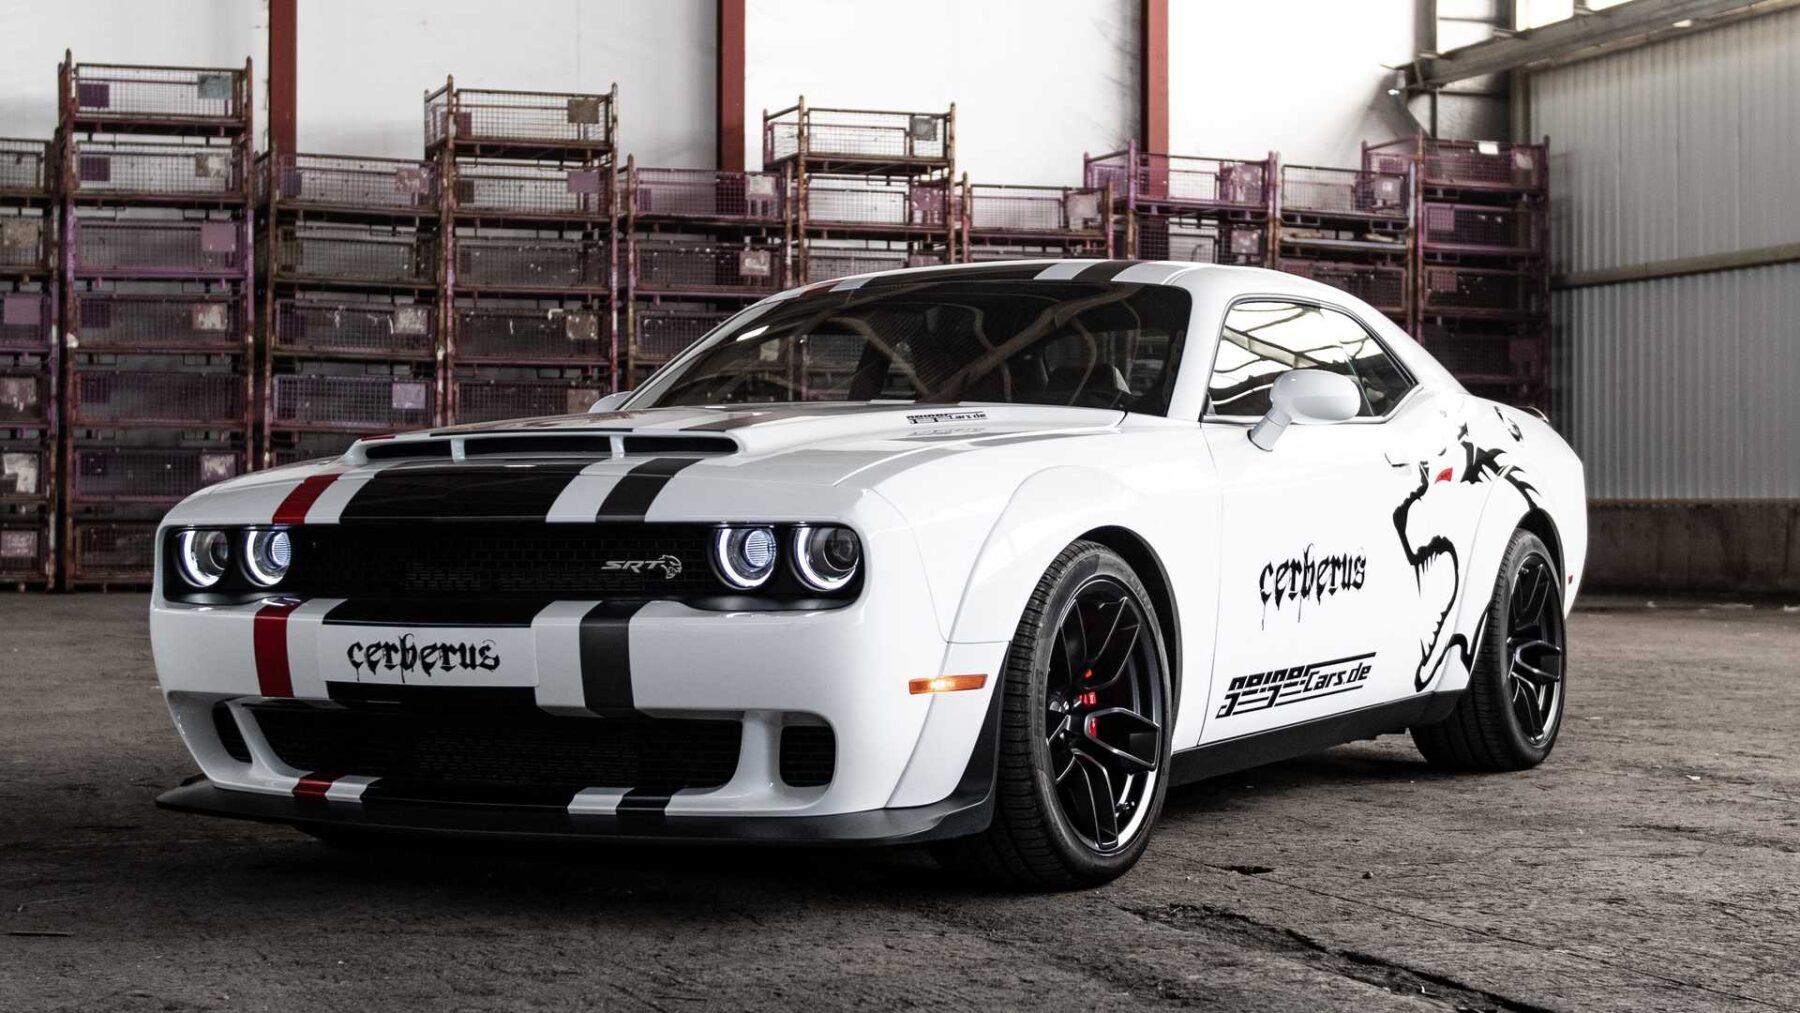 Este Dodge Challenger Srt Hellcat Se Llama Cerberus Y Esconde 173 Cv Adicionales En Su V8